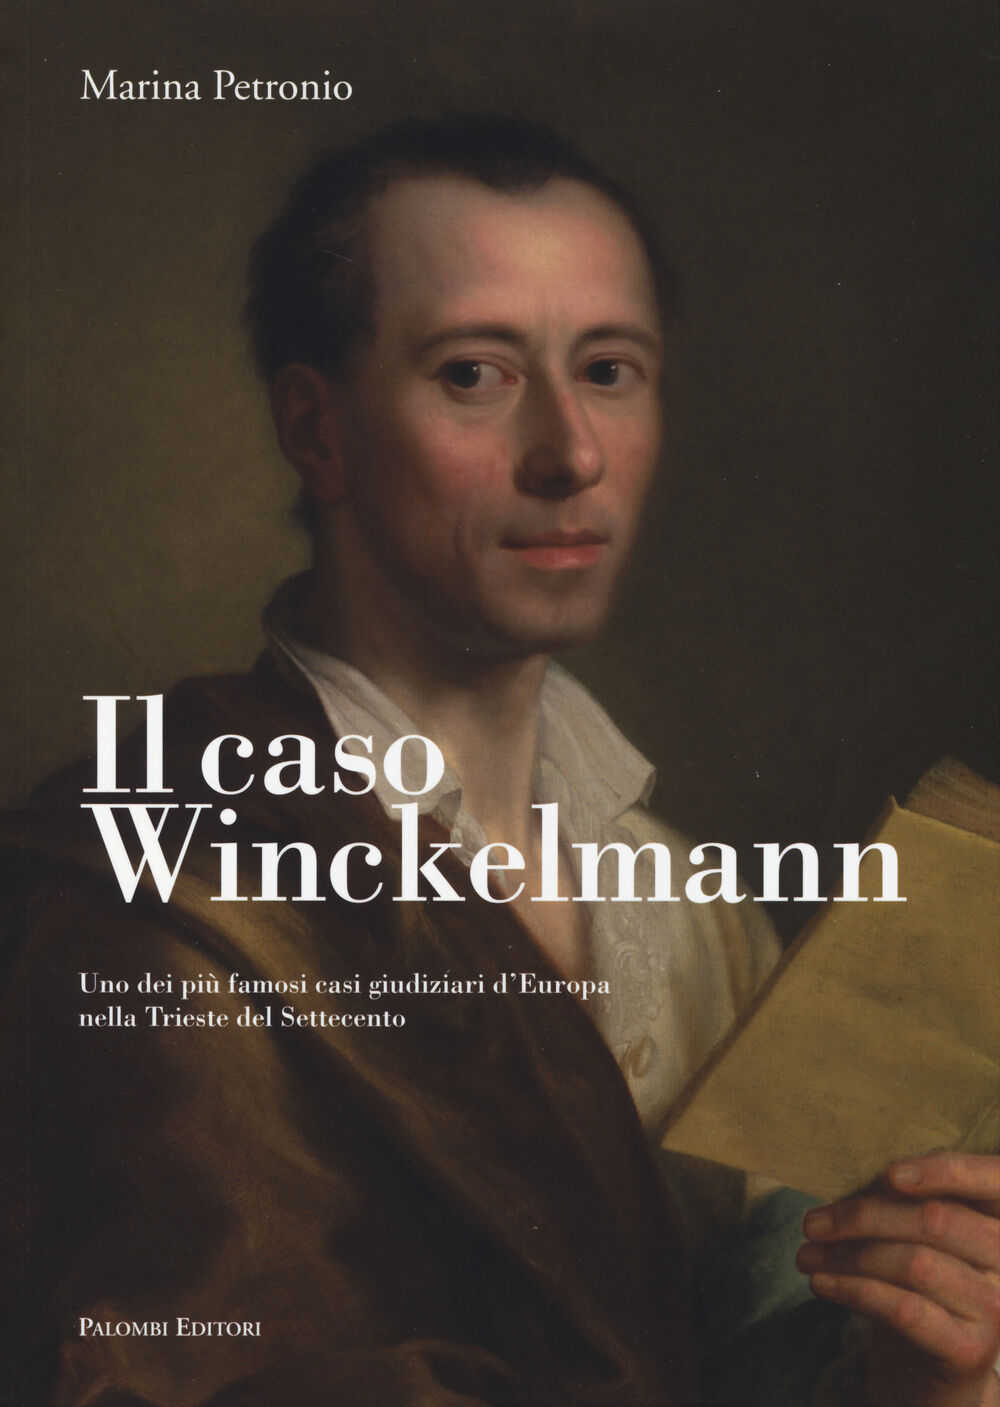 Il caso Winckelmann. Uno dei più famosi casi giudiziari d'Europa nella Trieste del Settecento